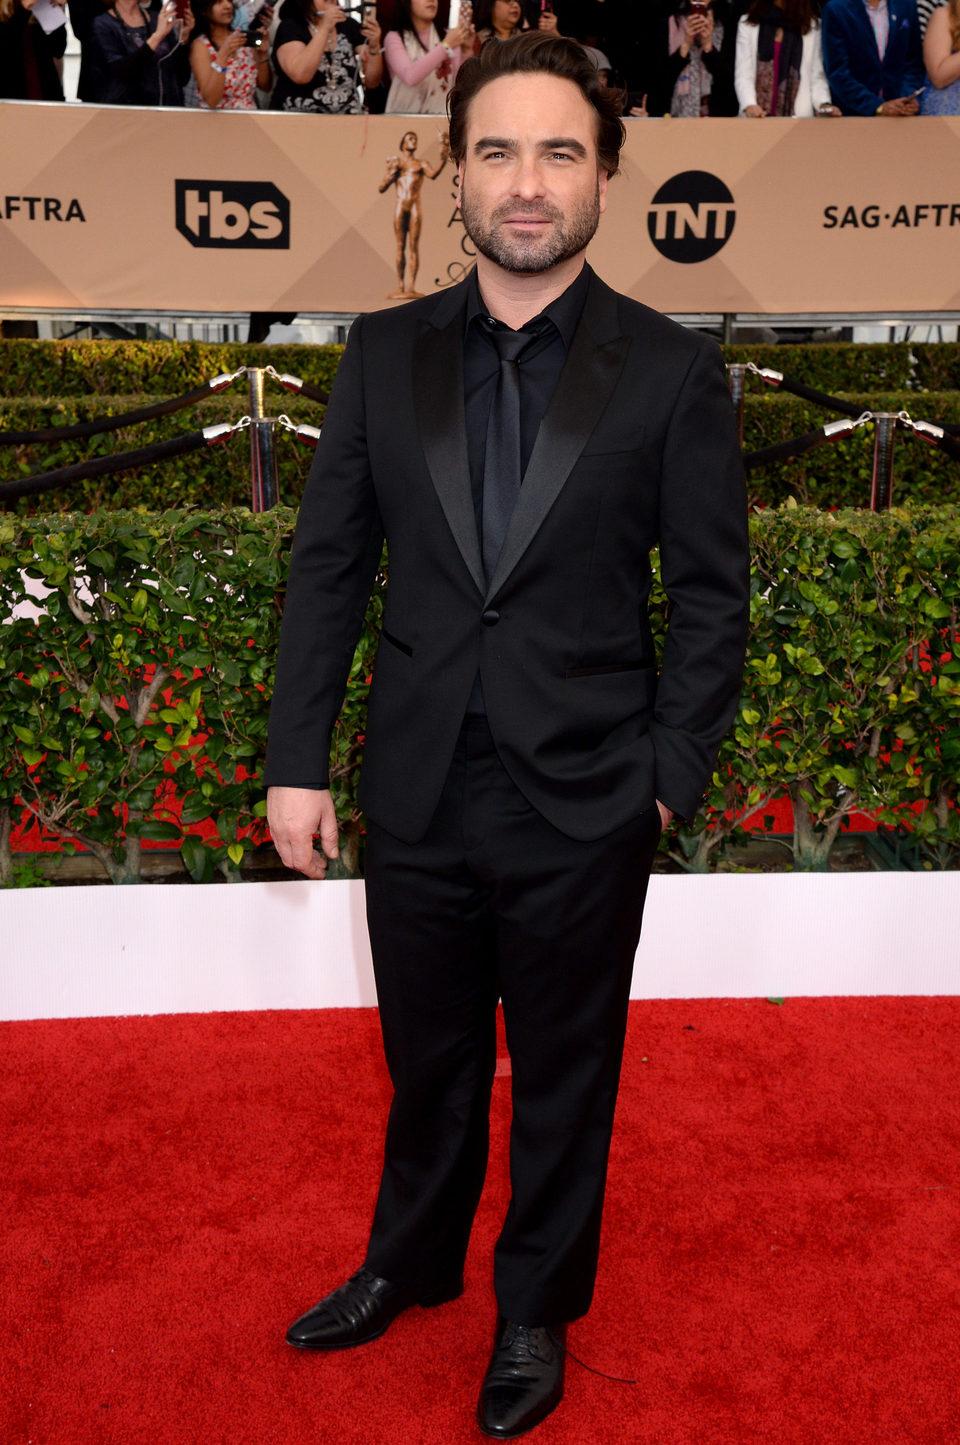 Johnny Galecki en la alfombra roja de los SAG Awards 2016